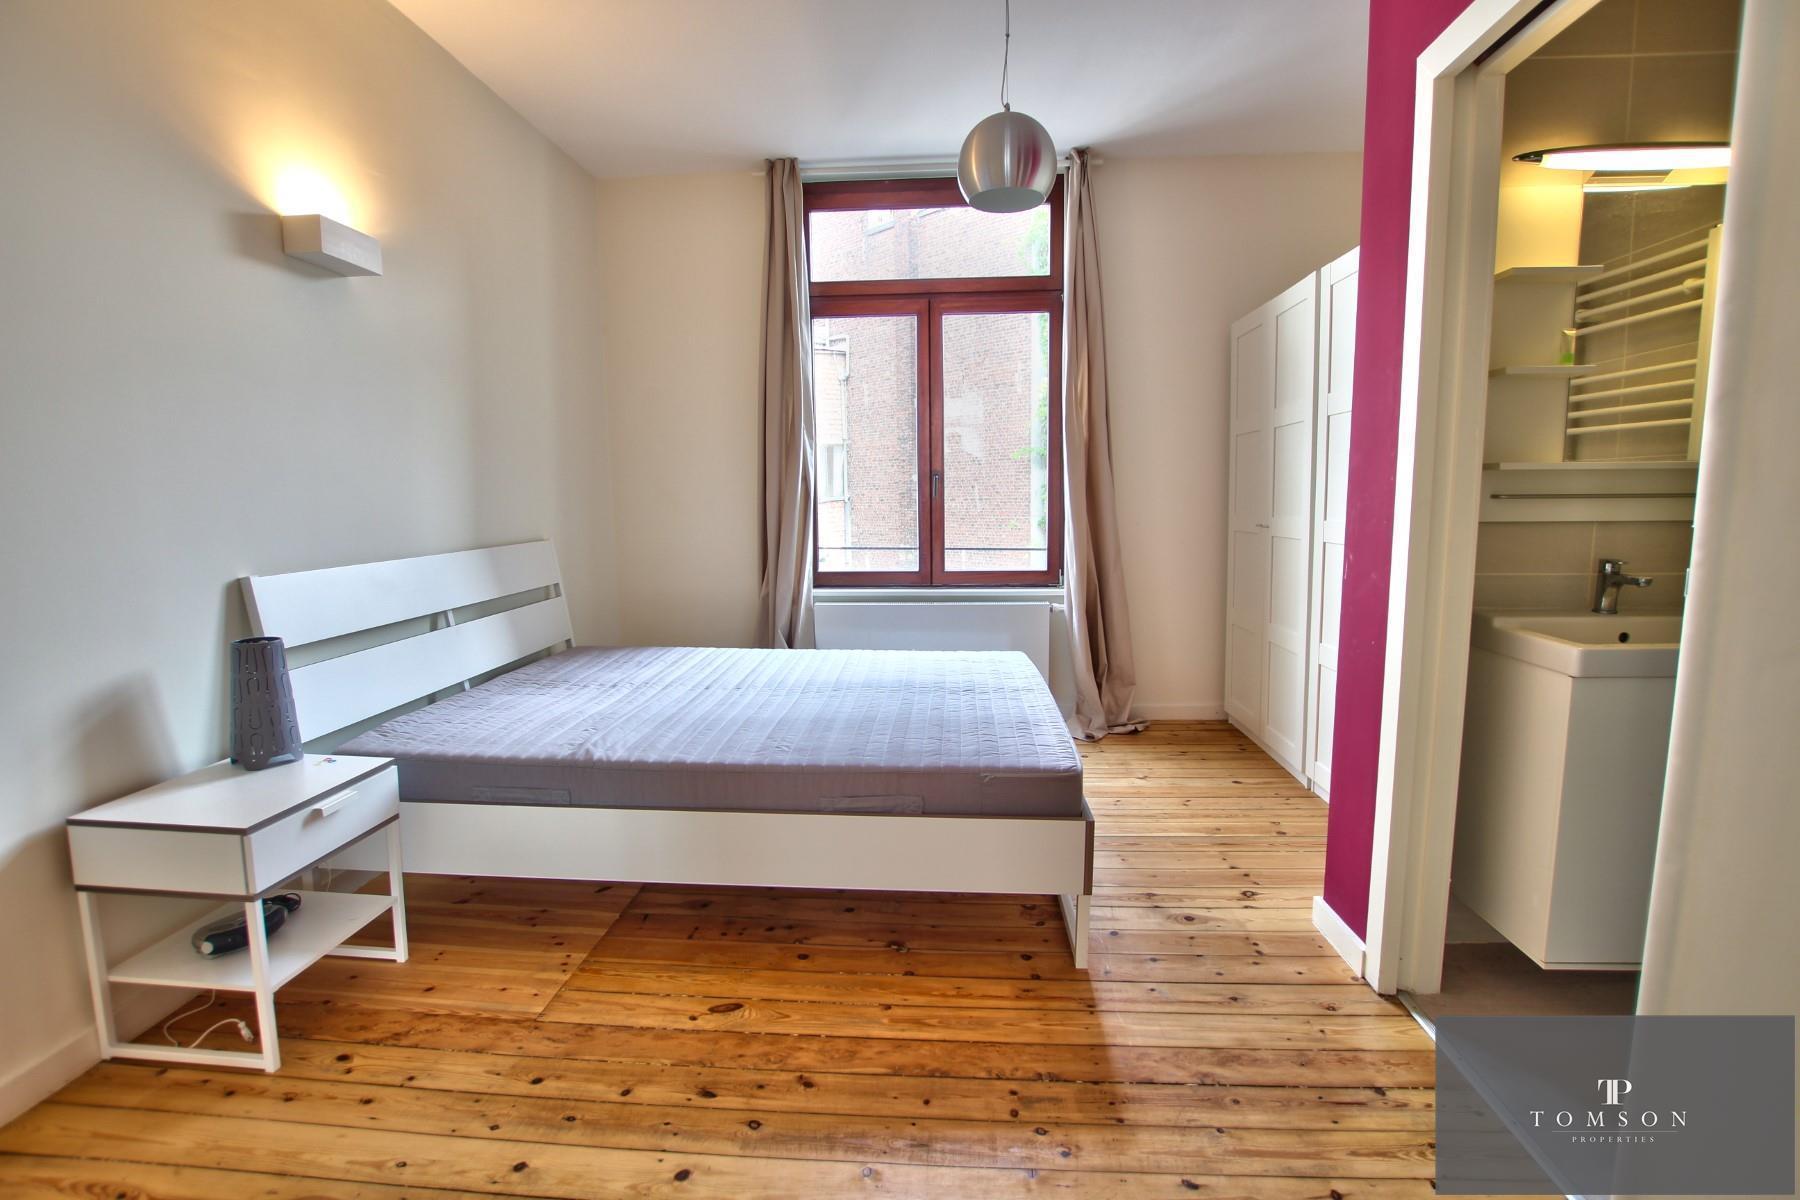 Flat - Ixelles - #4092306-2